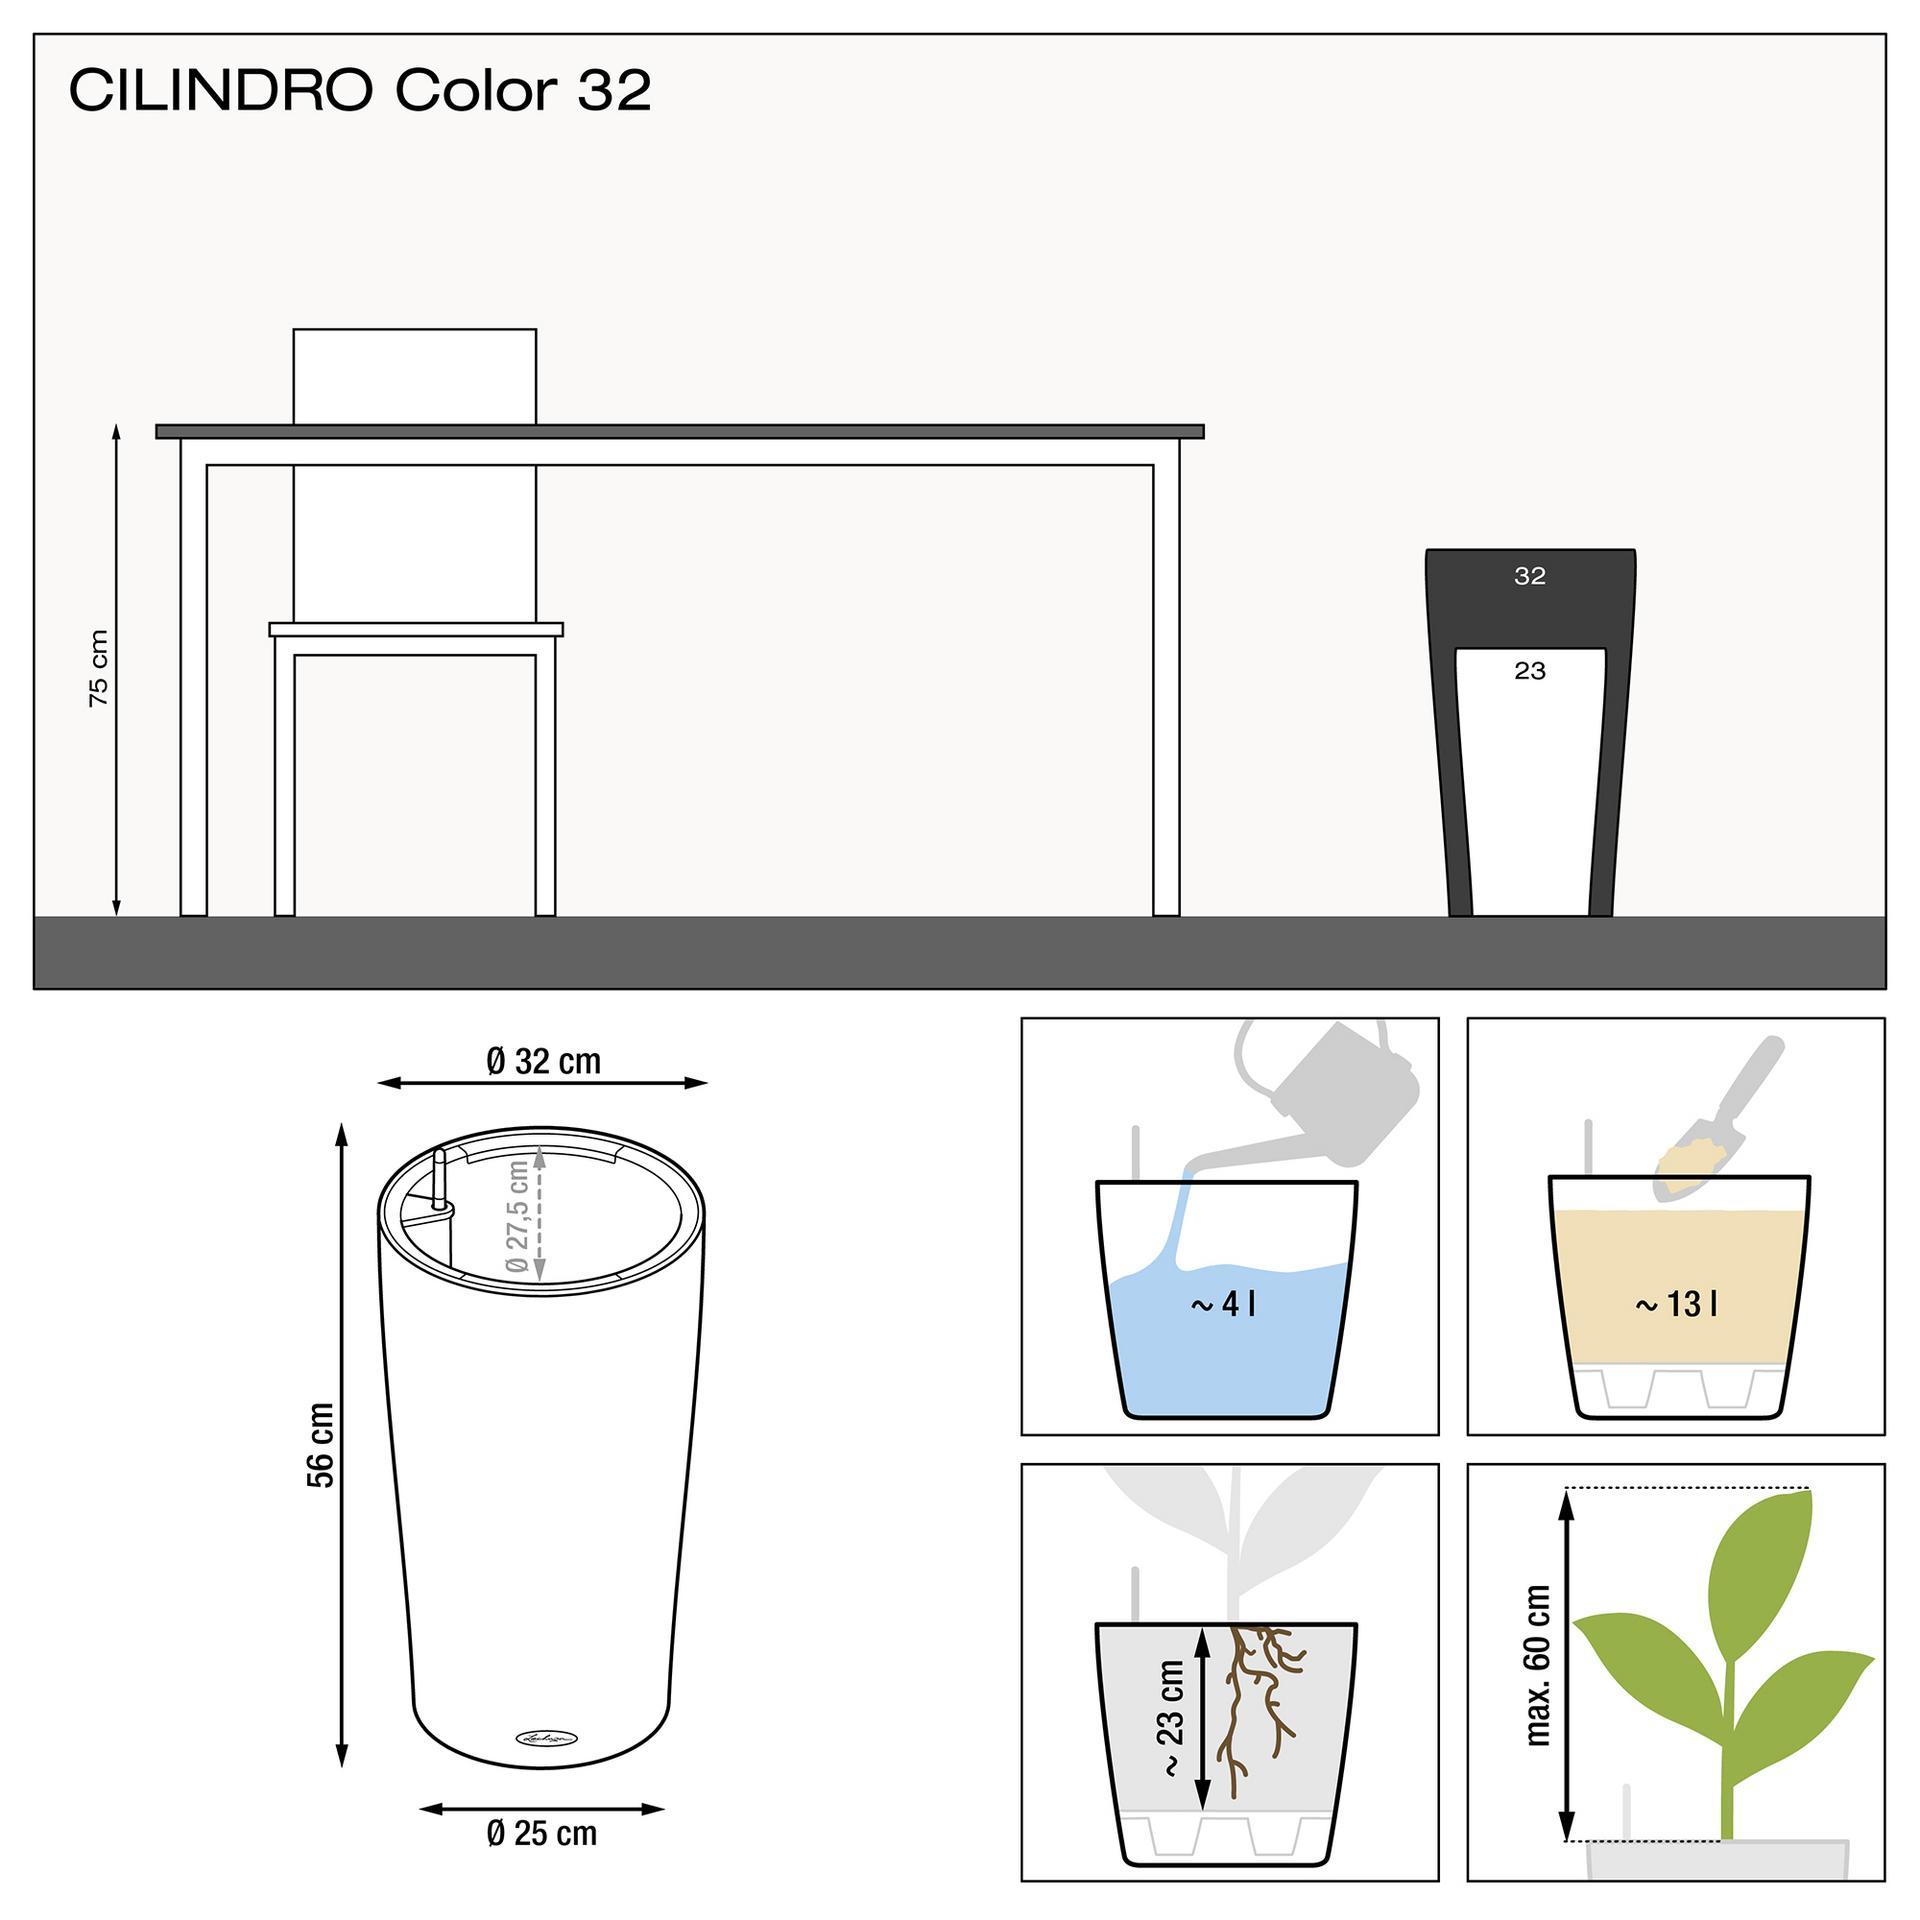 le_cilindro-color32_product_addi_nz